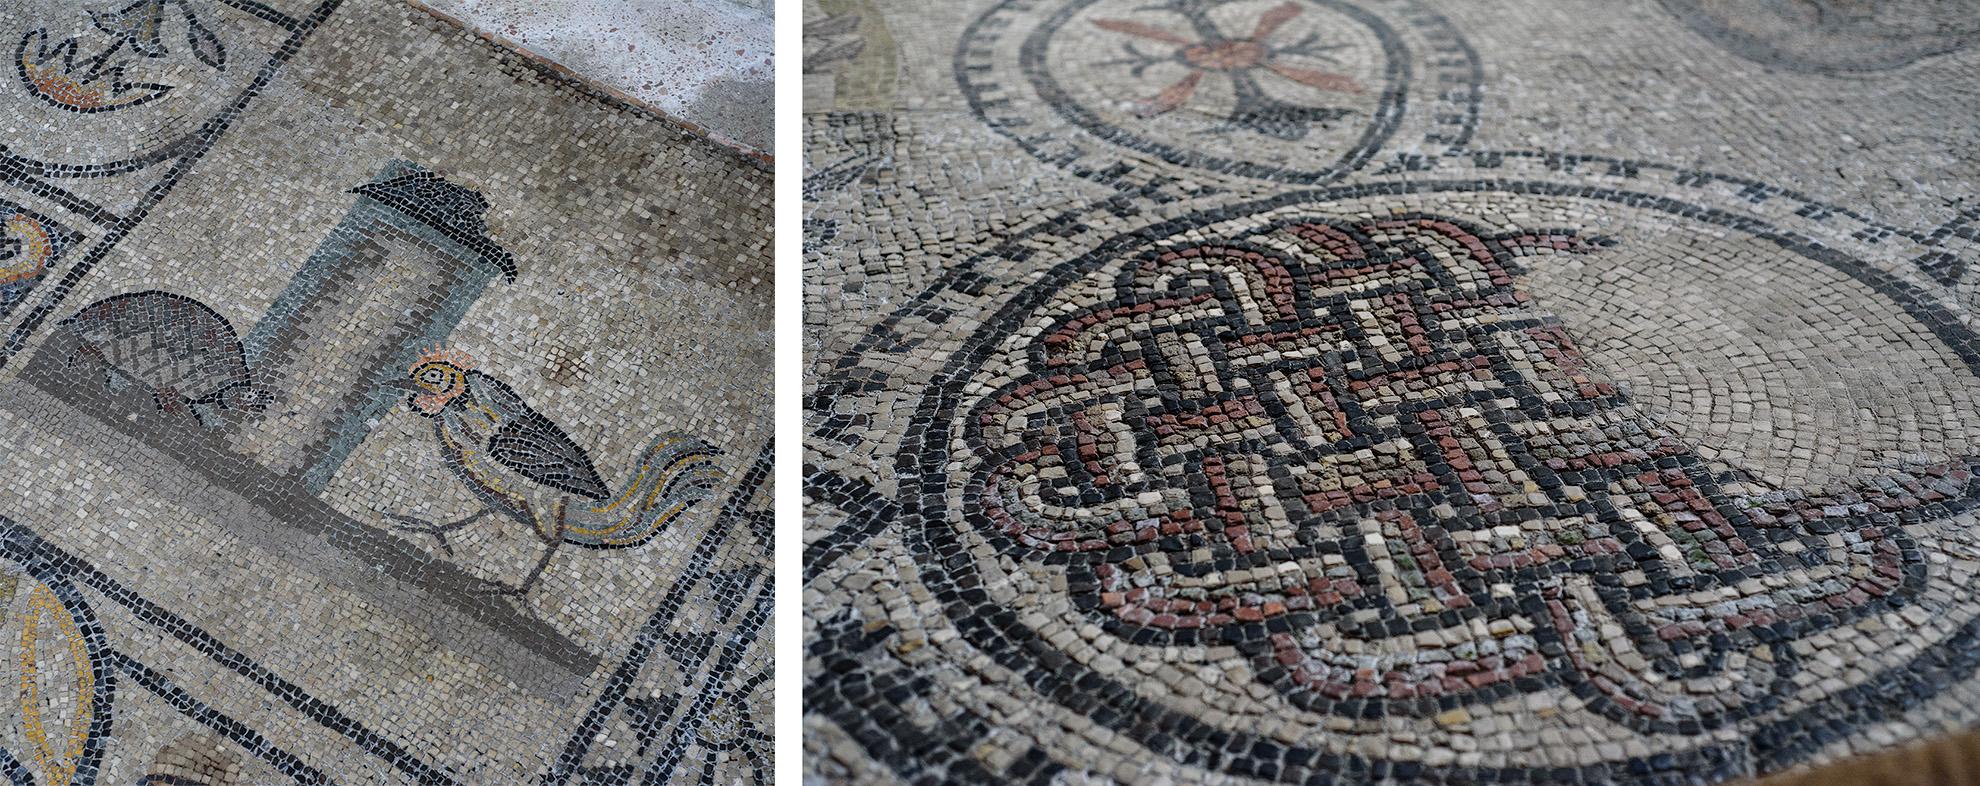 Bazylika w Aquileii - mozaika z IV wieku na podłodze